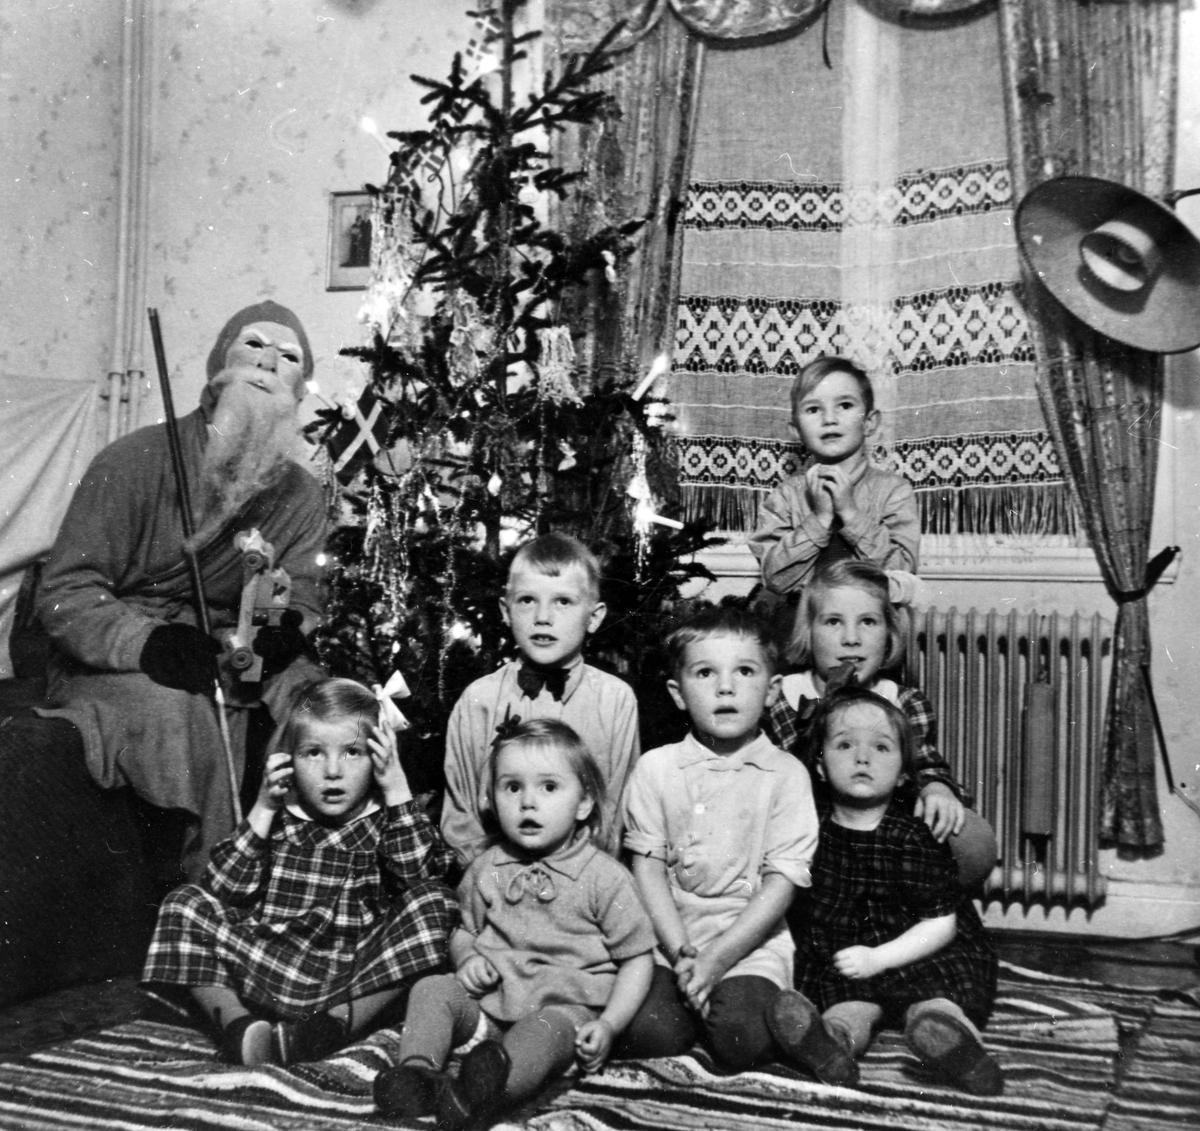 En liten skara barn sitter framför en julgran och en man utklädd till tomte sitter till vänster i bild. Olof Jacobsen och en grupp barn hos familjen Bolin, Nolby.